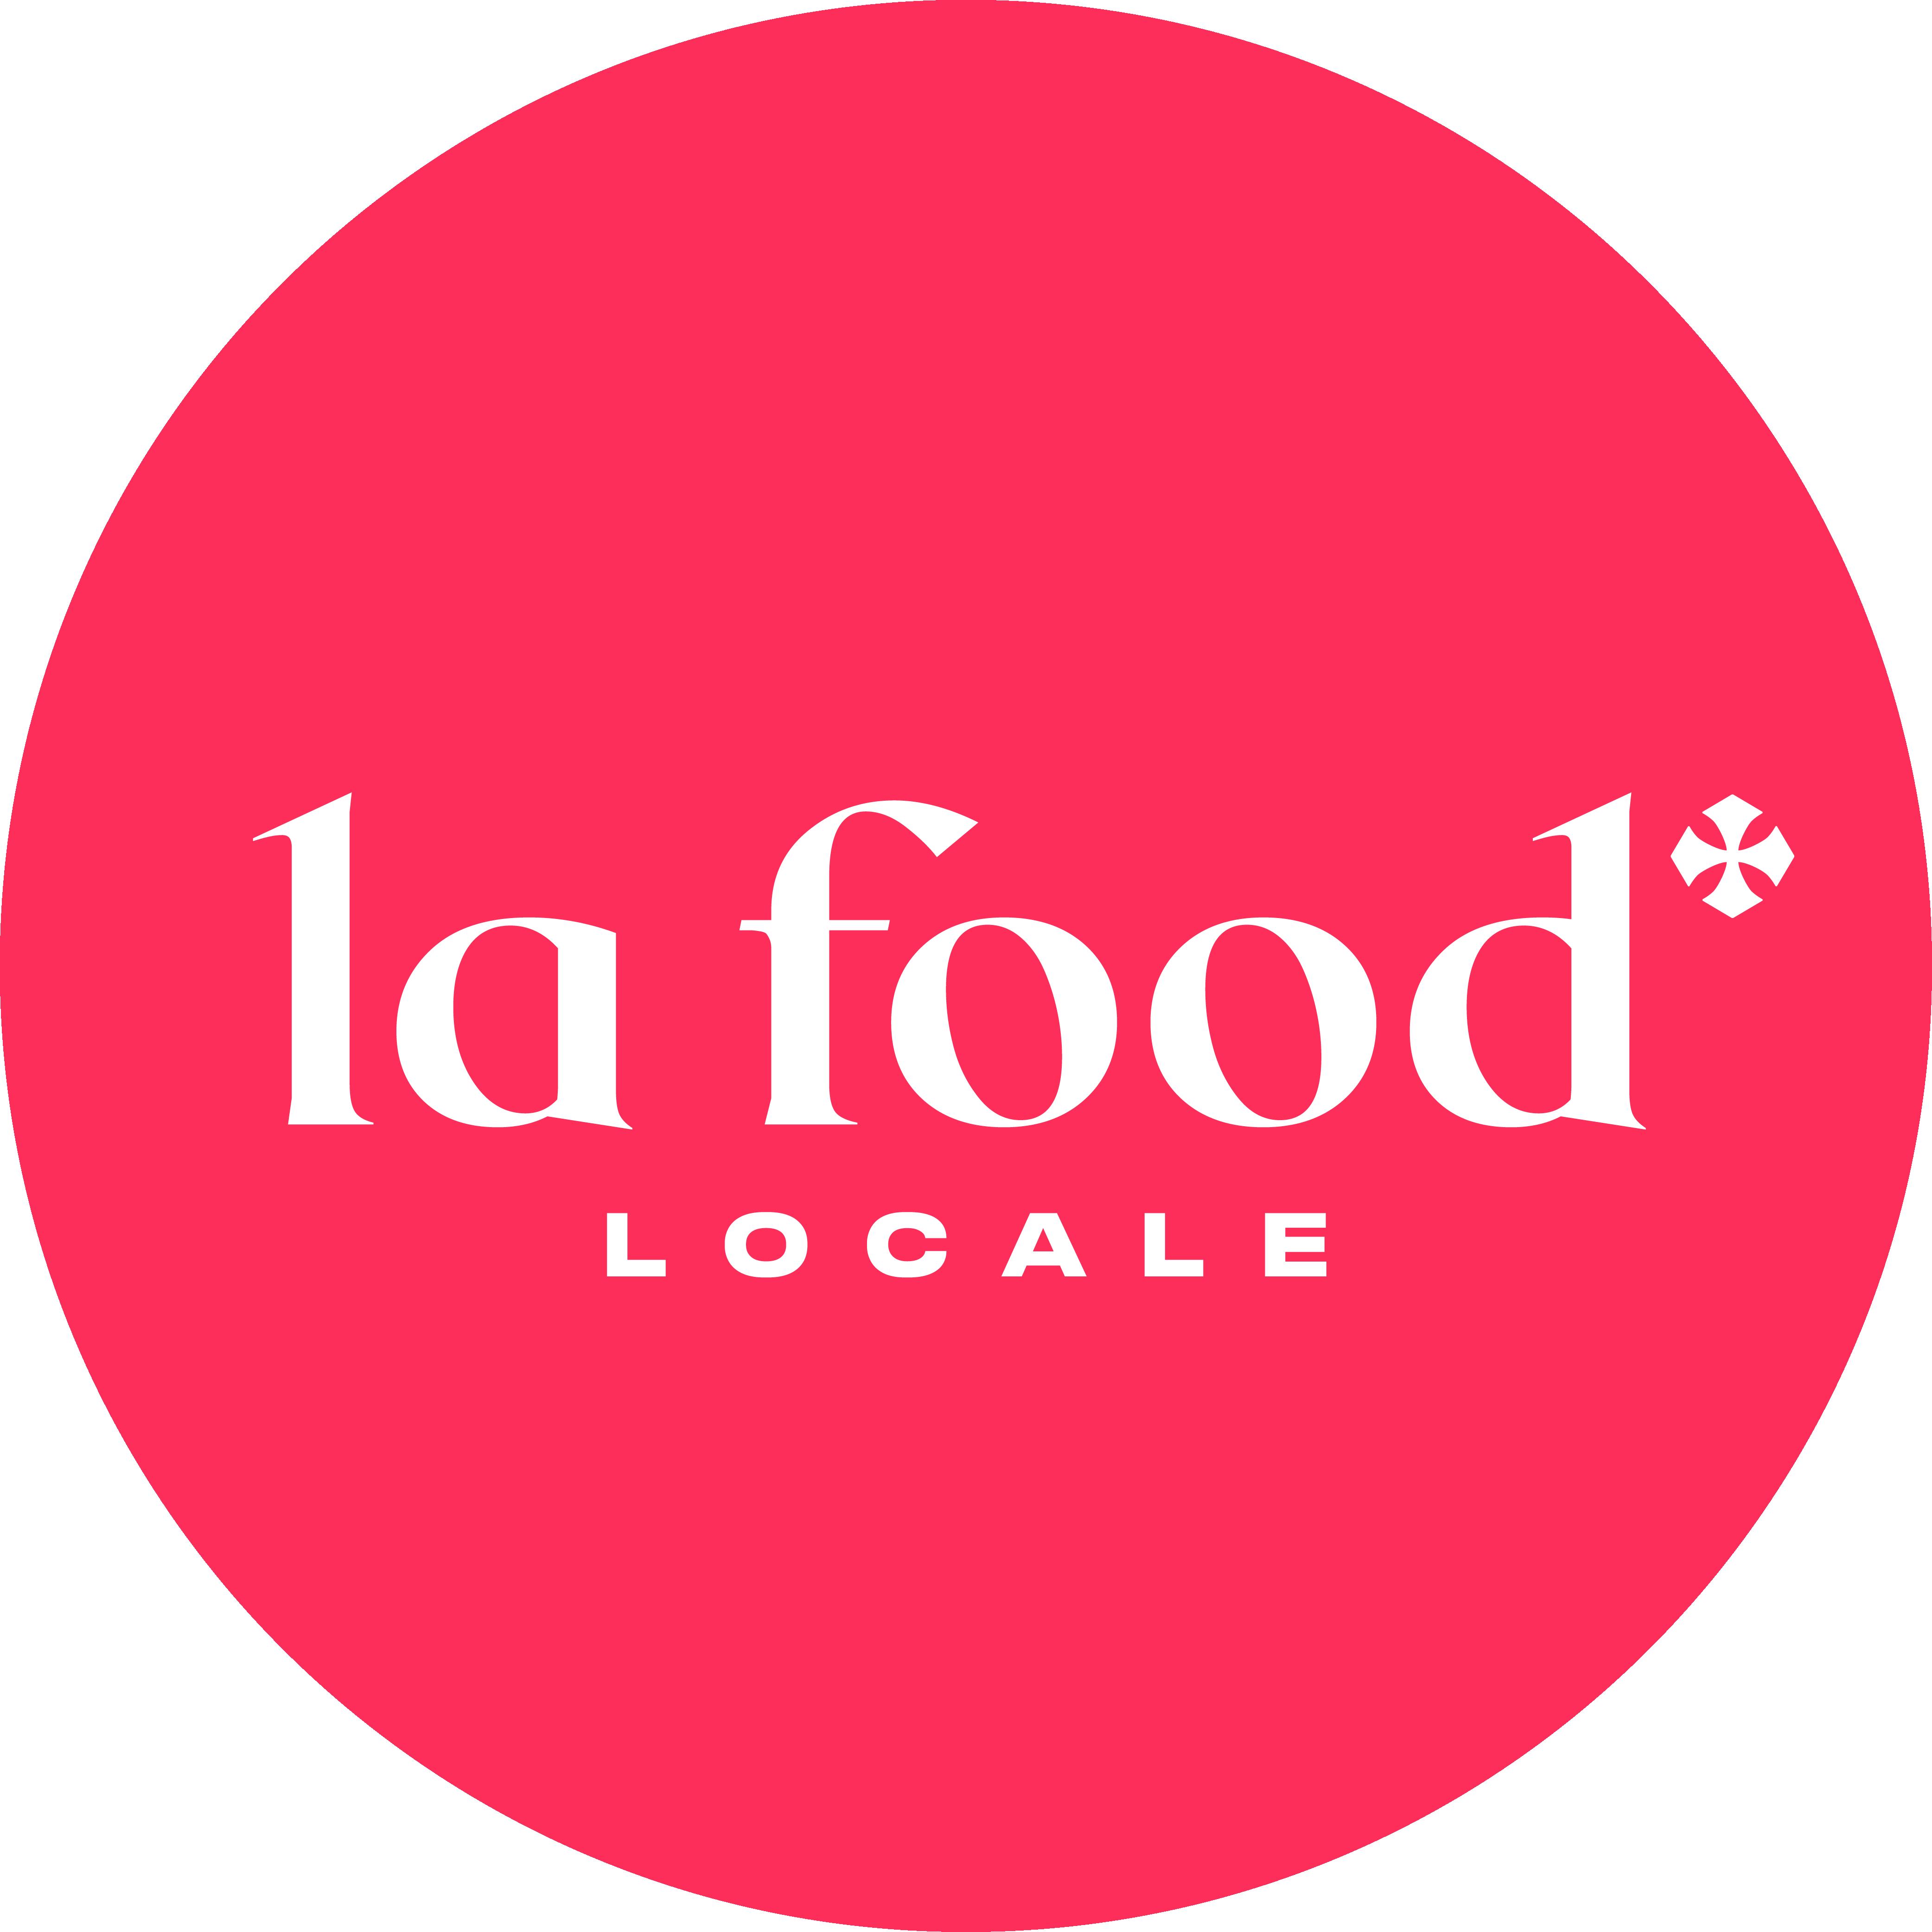 La Food Locale